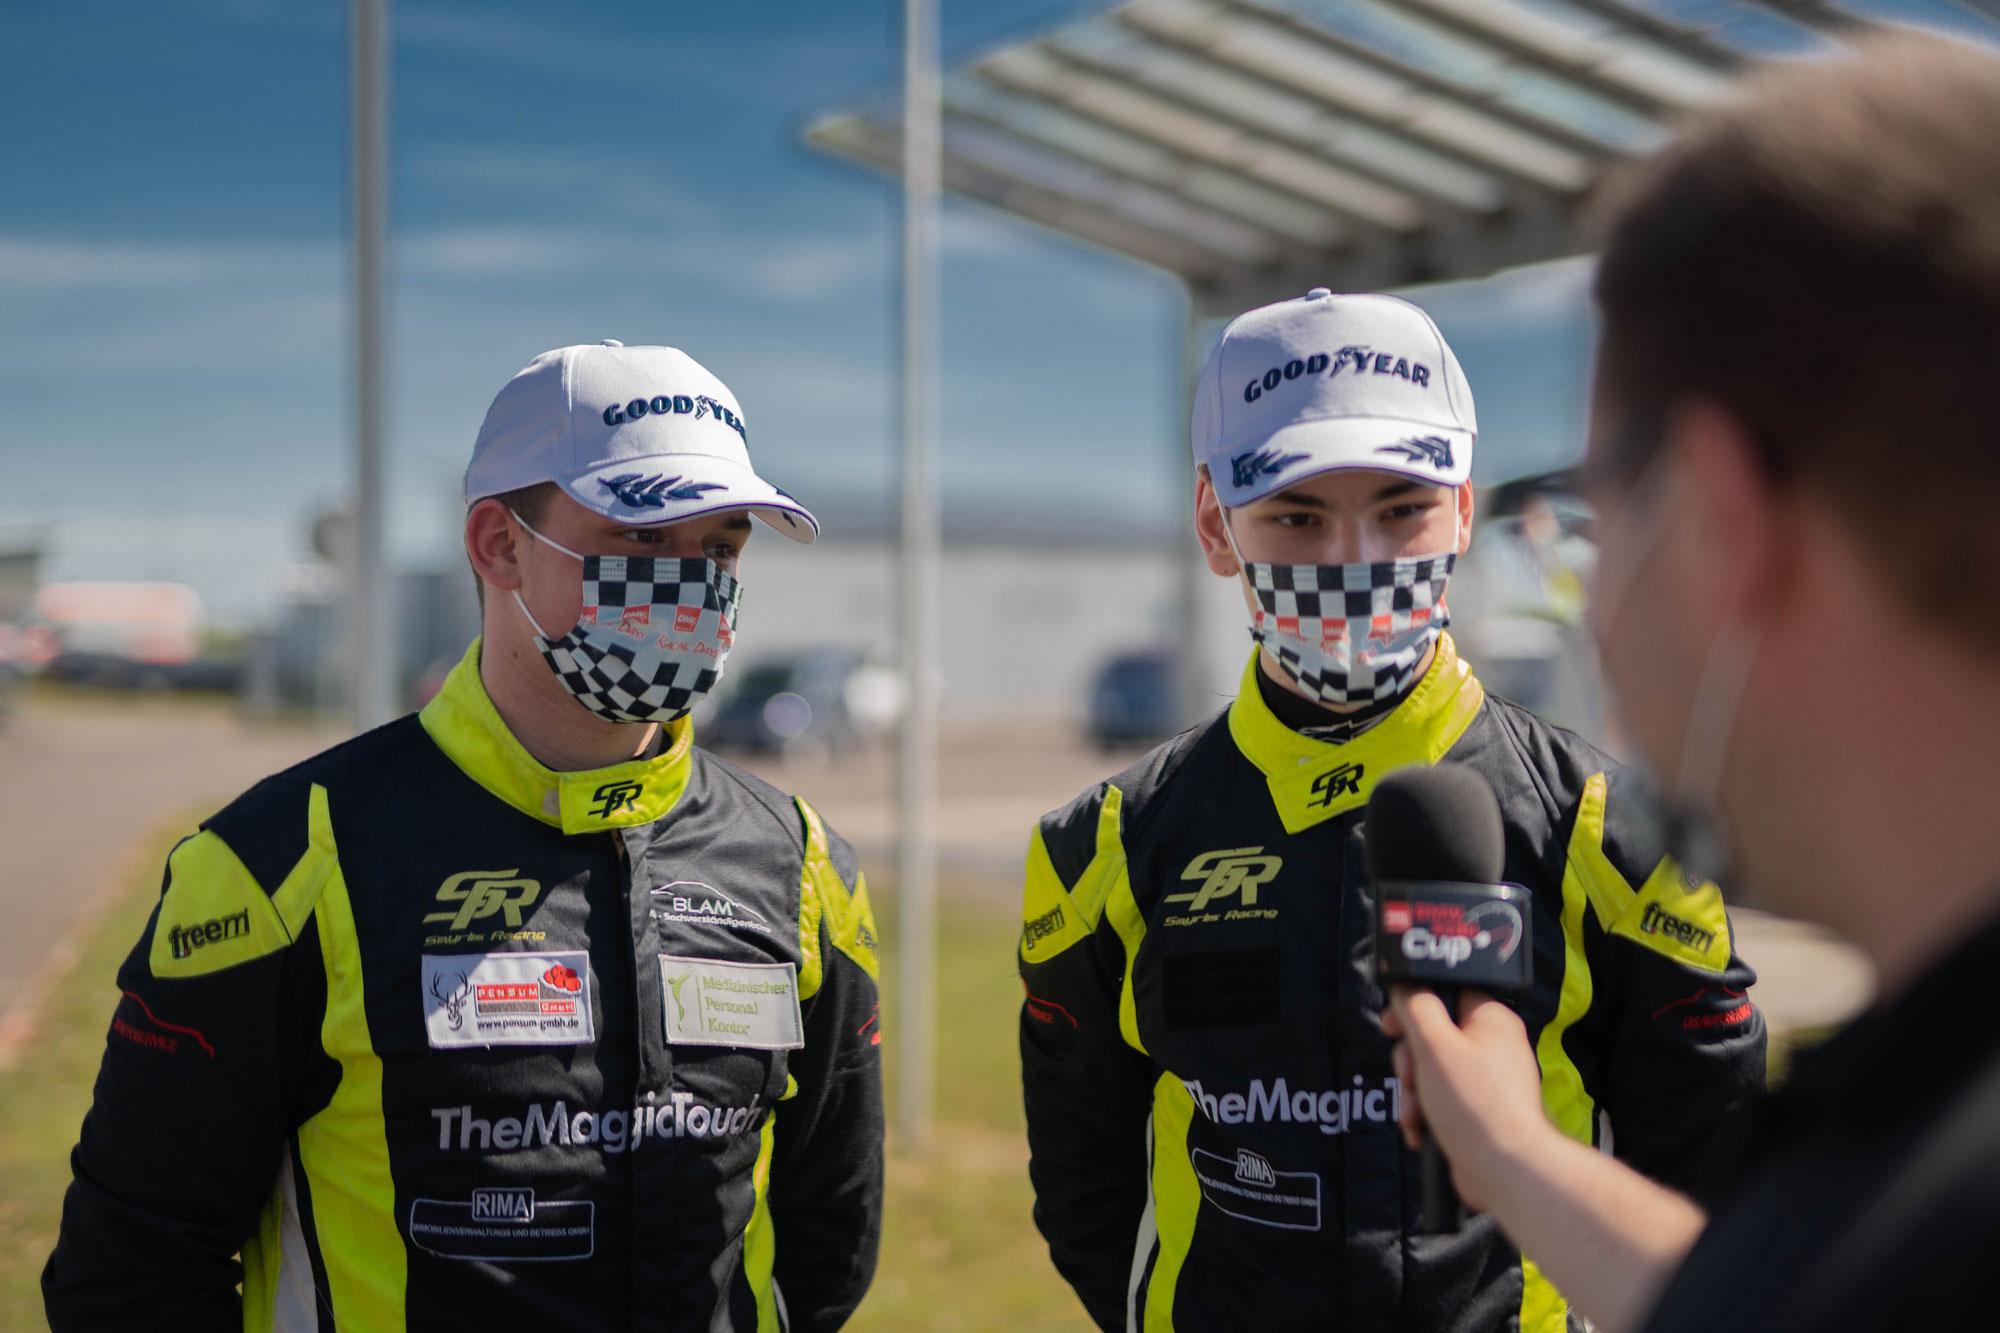 Smyrlis Racing feiert mehrfach Podestplätze in Oschersleben